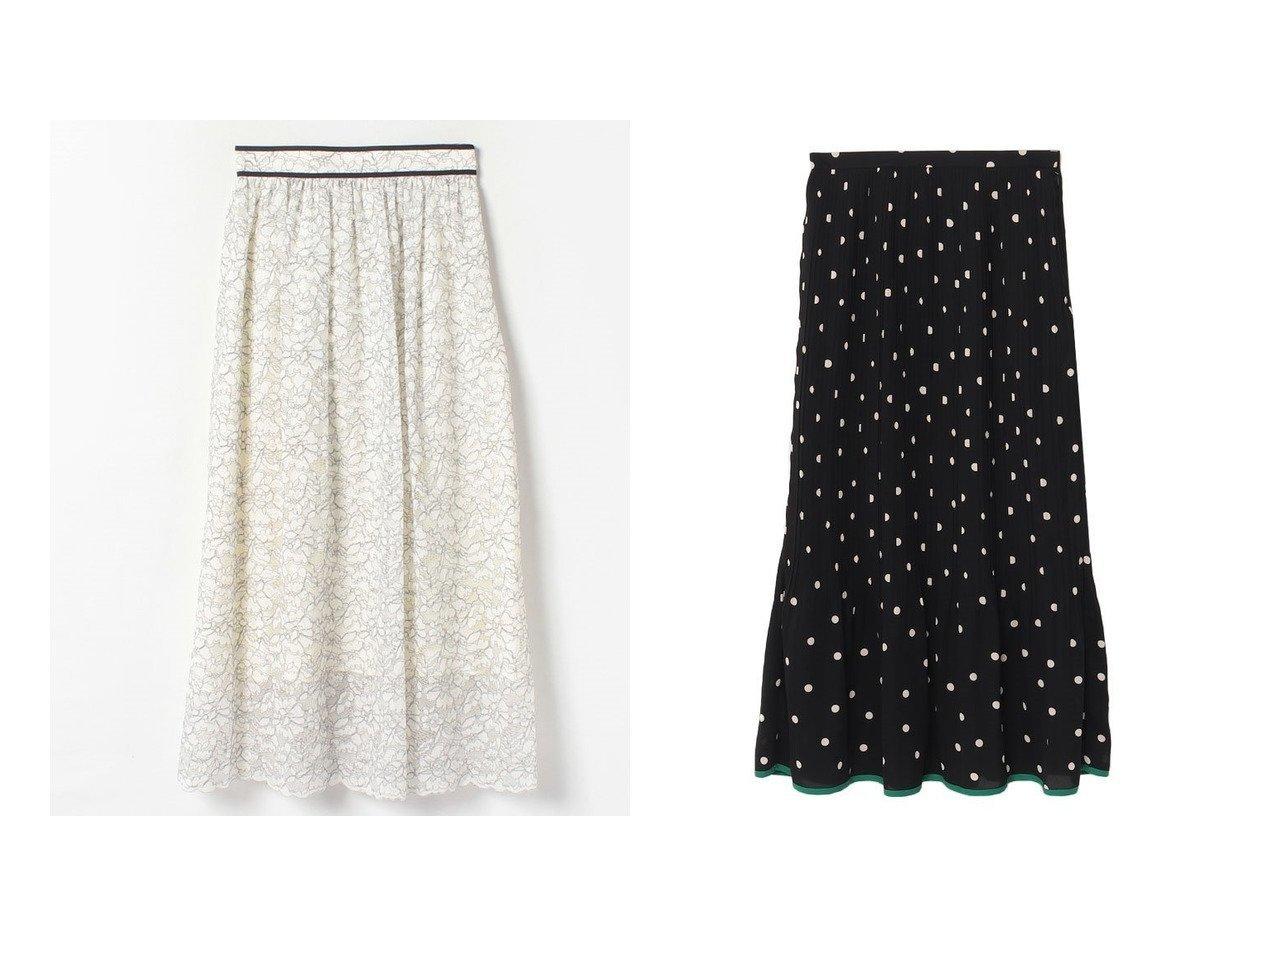 【allureville/アルアバイル】の【セットアップ対応商品】【LOULOU WILLOUGHBY】コードラッセルレースギャザースカート&パイピングヘムドットプリーツスカート 【スカート】おすすめ!人気、トレンド・レディースファッションの通販 おすすめで人気の流行・トレンド、ファッションの通販商品 メンズファッション・キッズファッション・インテリア・家具・レディースファッション・服の通販 founy(ファニー) https://founy.com/ ファッション Fashion レディースファッション WOMEN スカート Skirt プリーツスカート Pleated Skirts セットアップ Setup スカート Skirt Aライン/フレアスカート Flared A-Line Skirts NEW・新作・新着・新入荷 New Arrivals おすすめ Recommend エレガント クラシカル ドット パイピング プリーツ ロング ギャザー セットアップ フレア ラッセル レース |ID:crp329100000029605